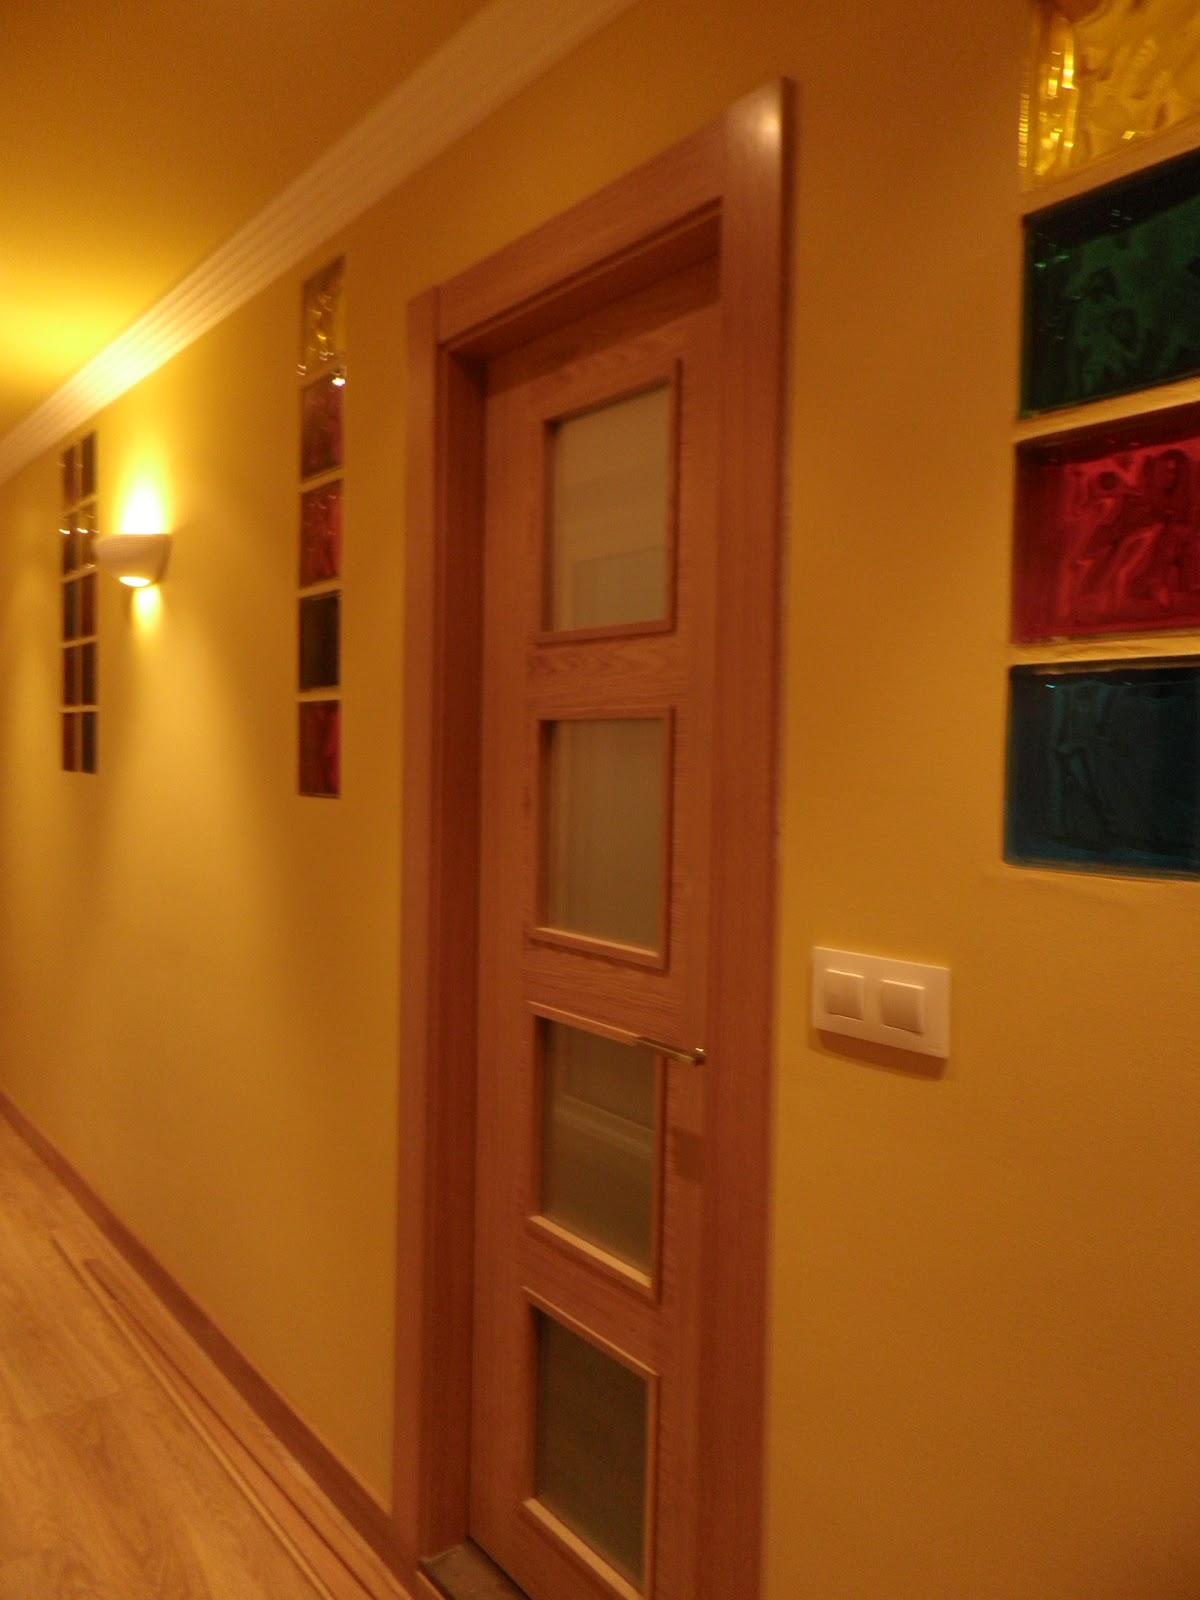 Interiorismo y decoracion lola torga el antes y despu s - Cristales de paves ...